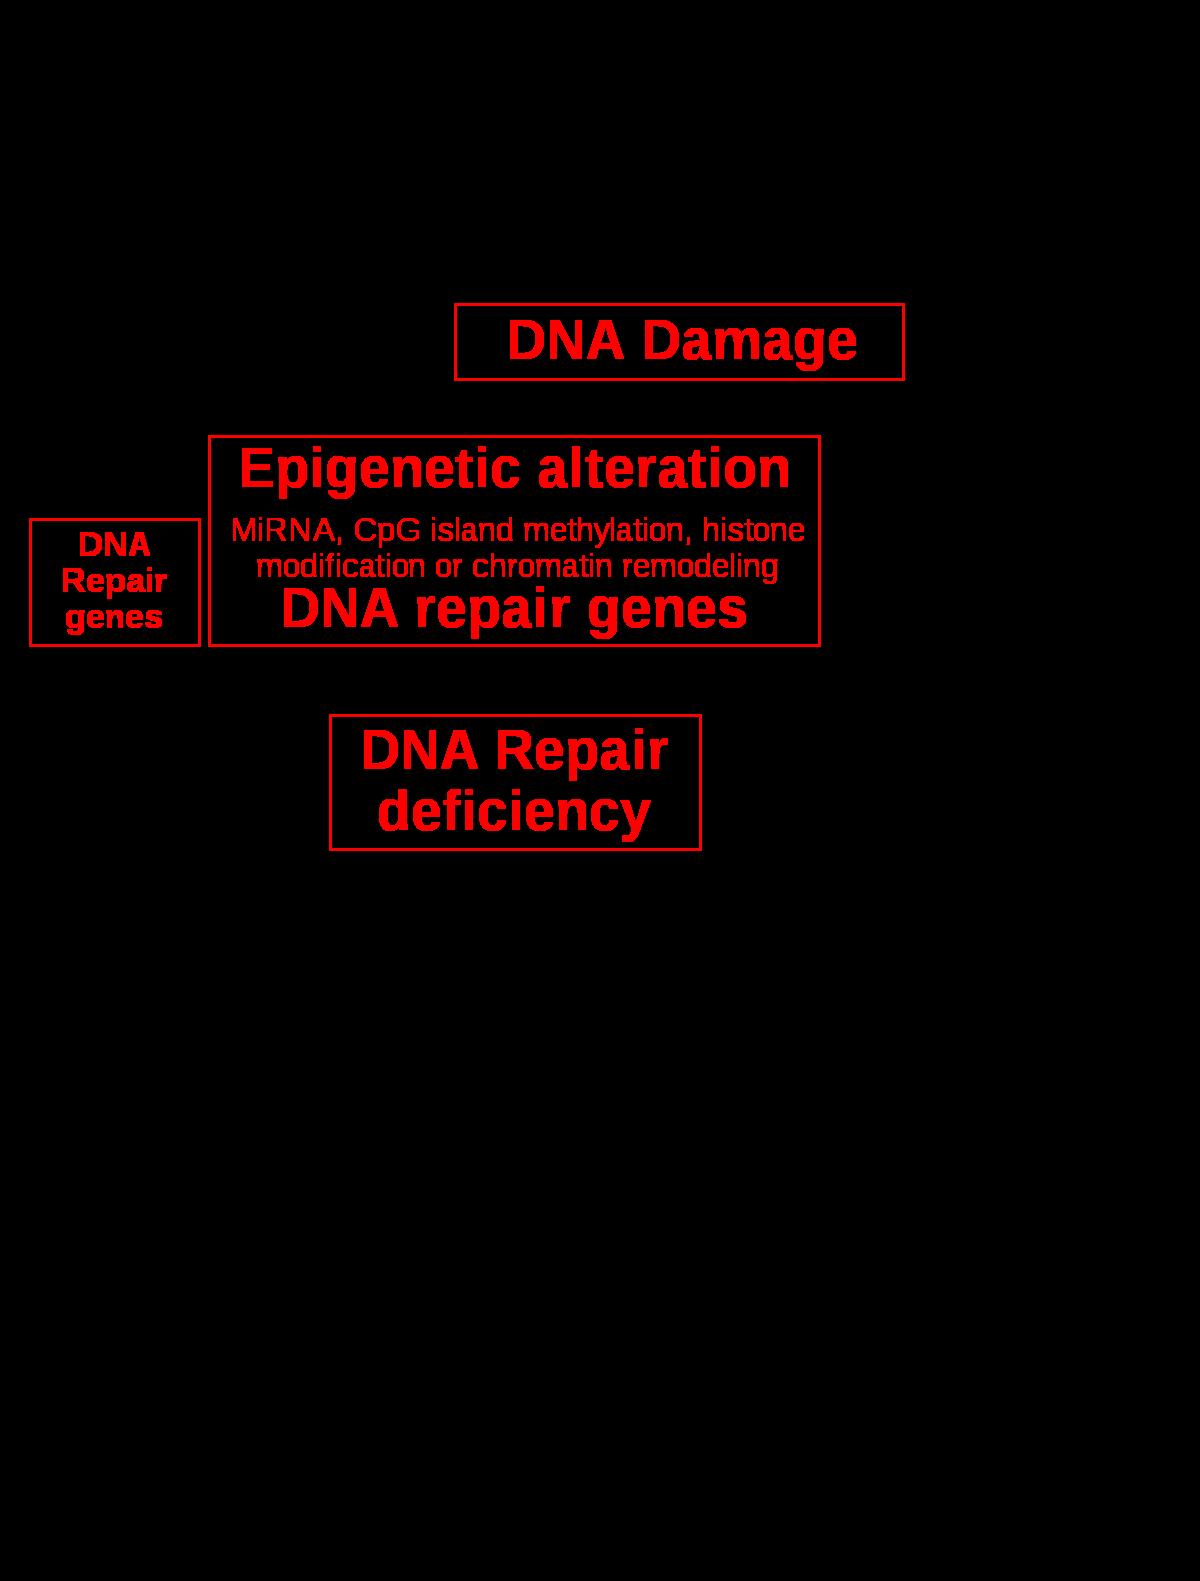 családi rákmeghatározás genetika női nemi szervek papillómái